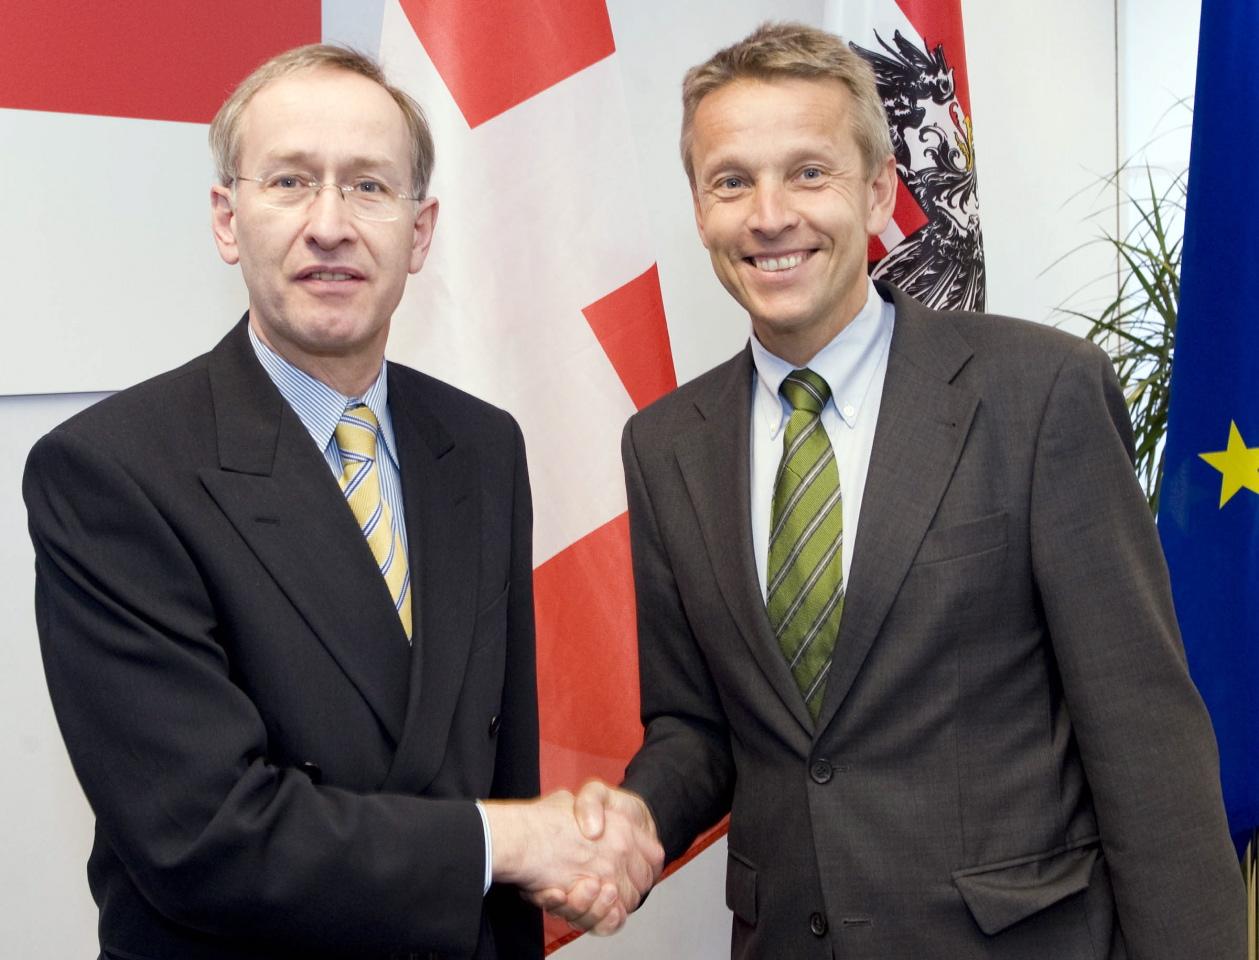 Mit dem Schweizer Finanzstaatssekretär Michael Ambühl (C) HBF